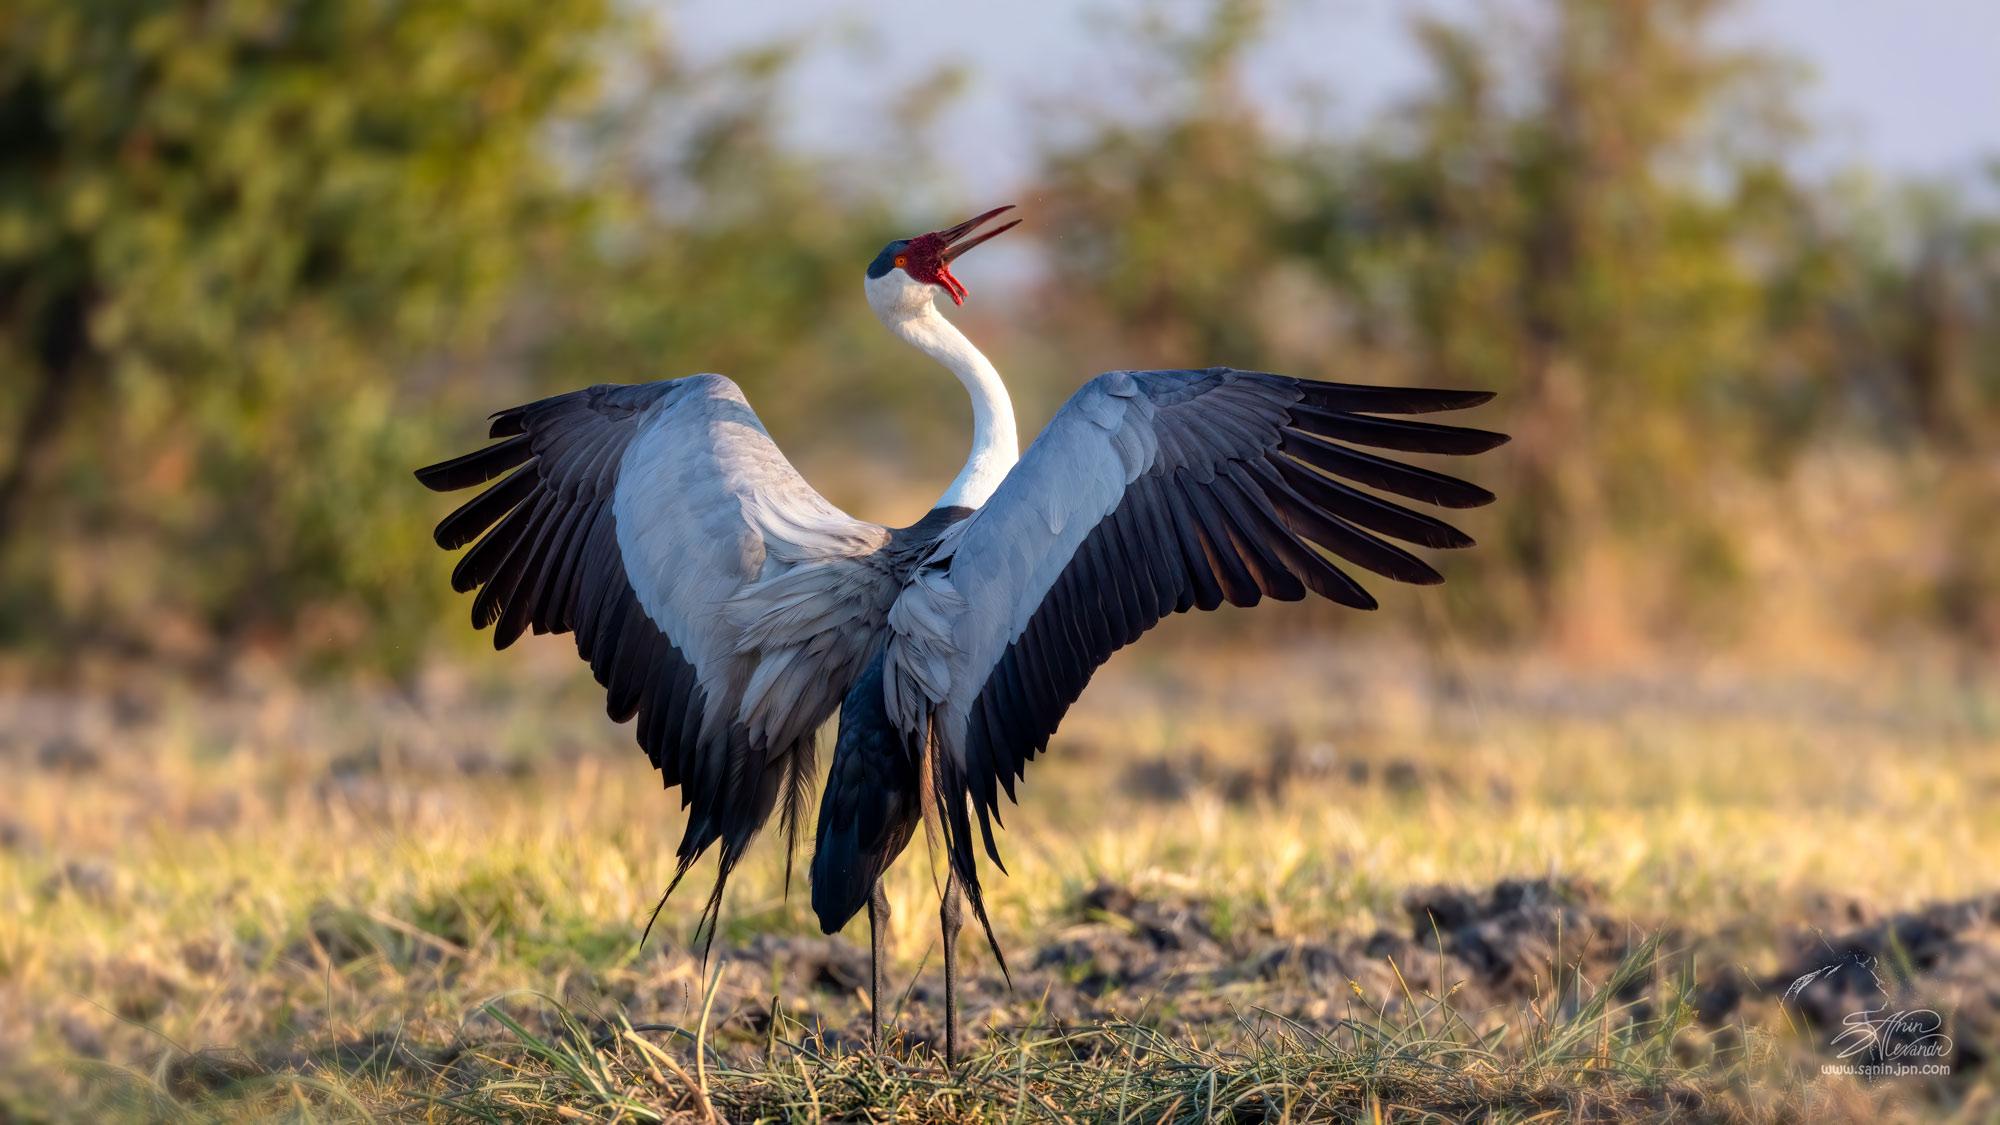 Wattle crane in Botswana